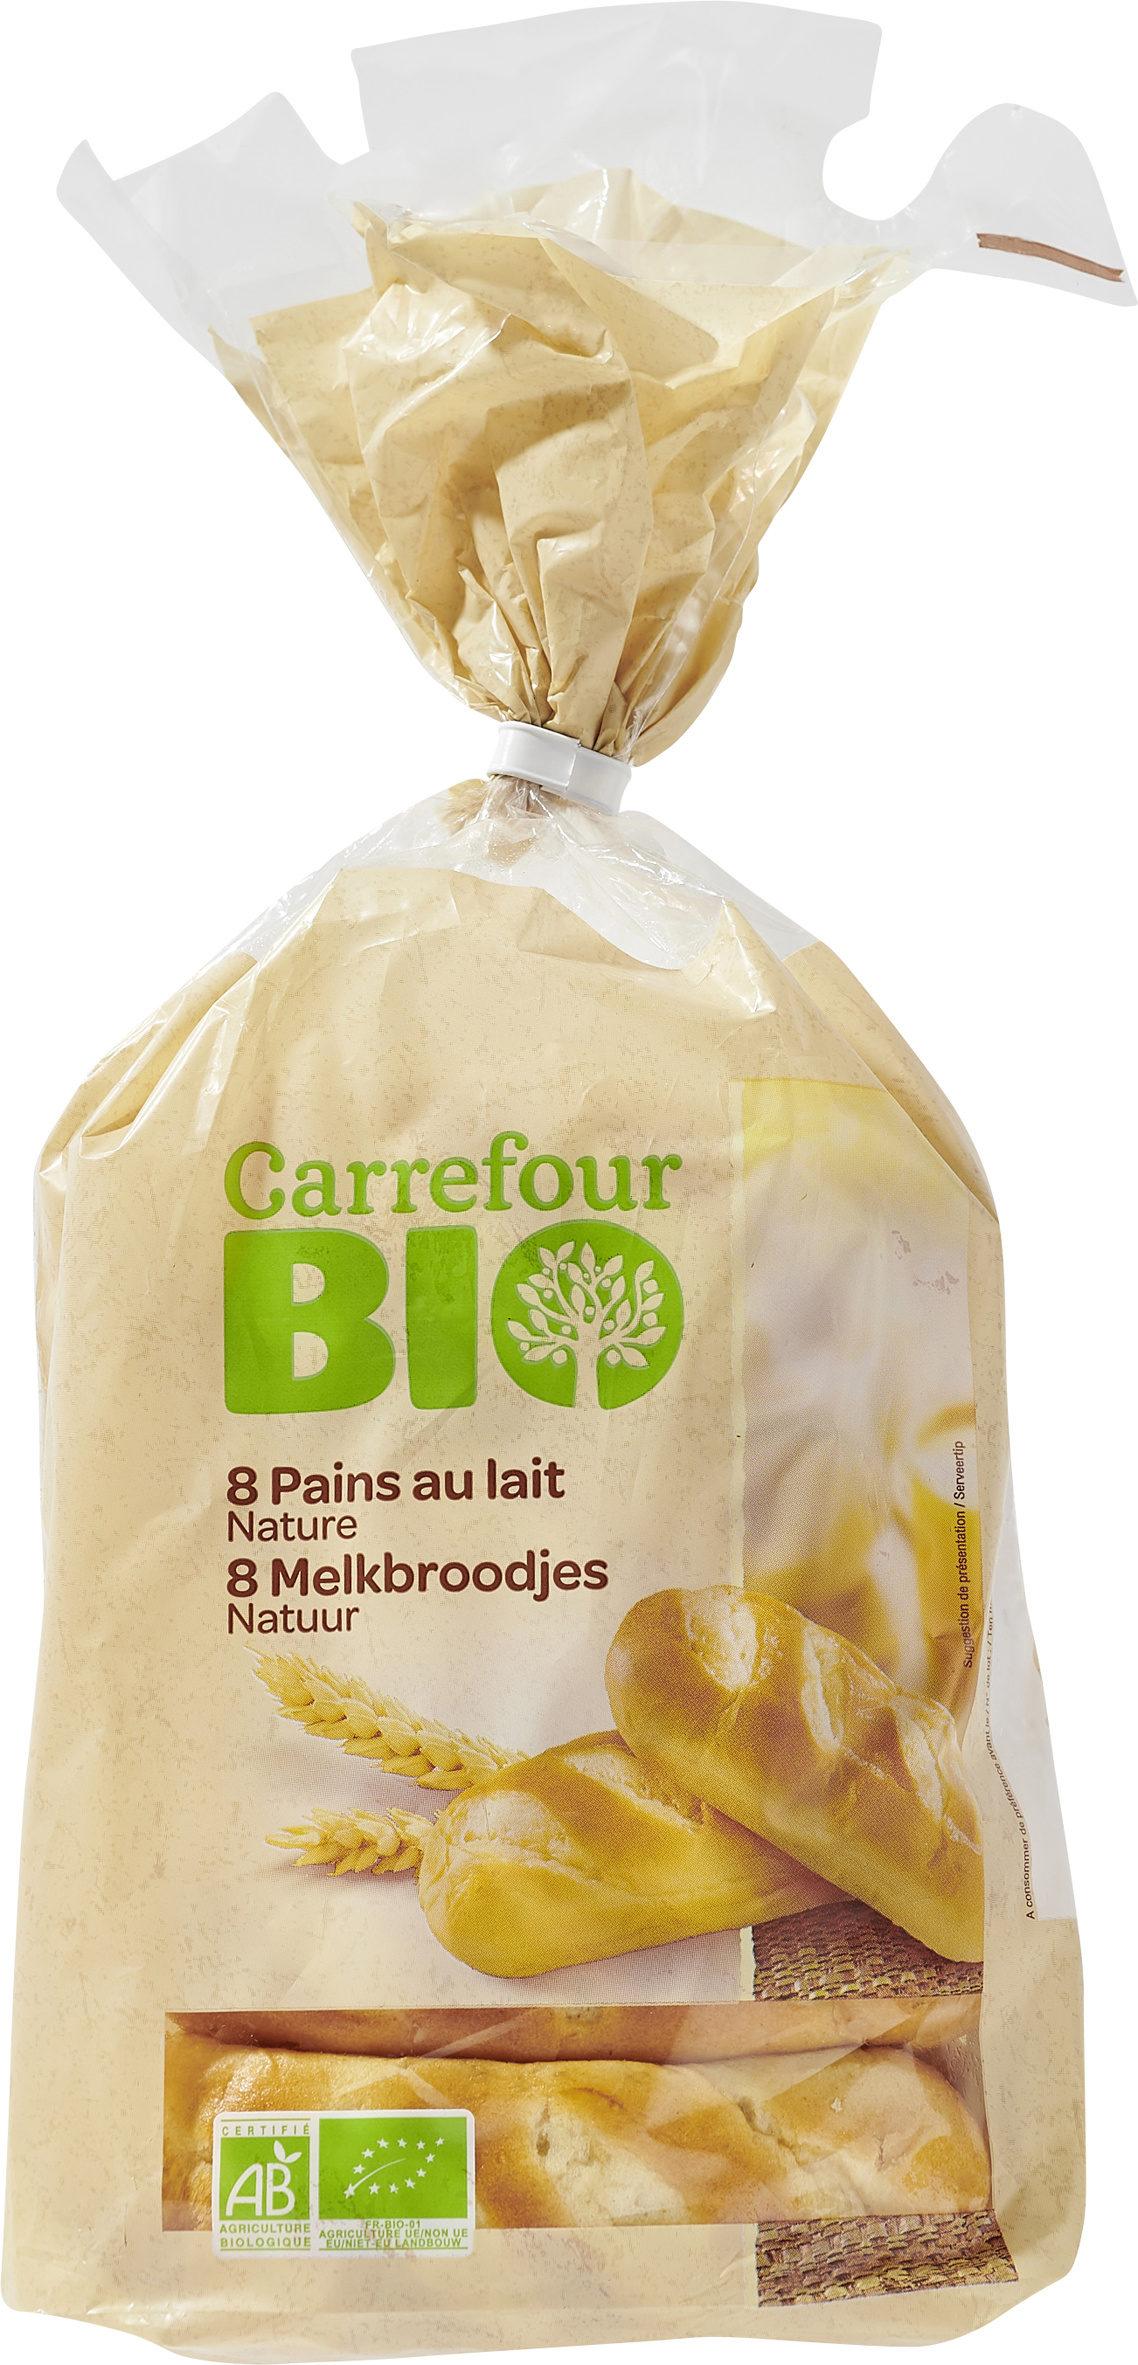 8 pains au lait nature - Produit - fr